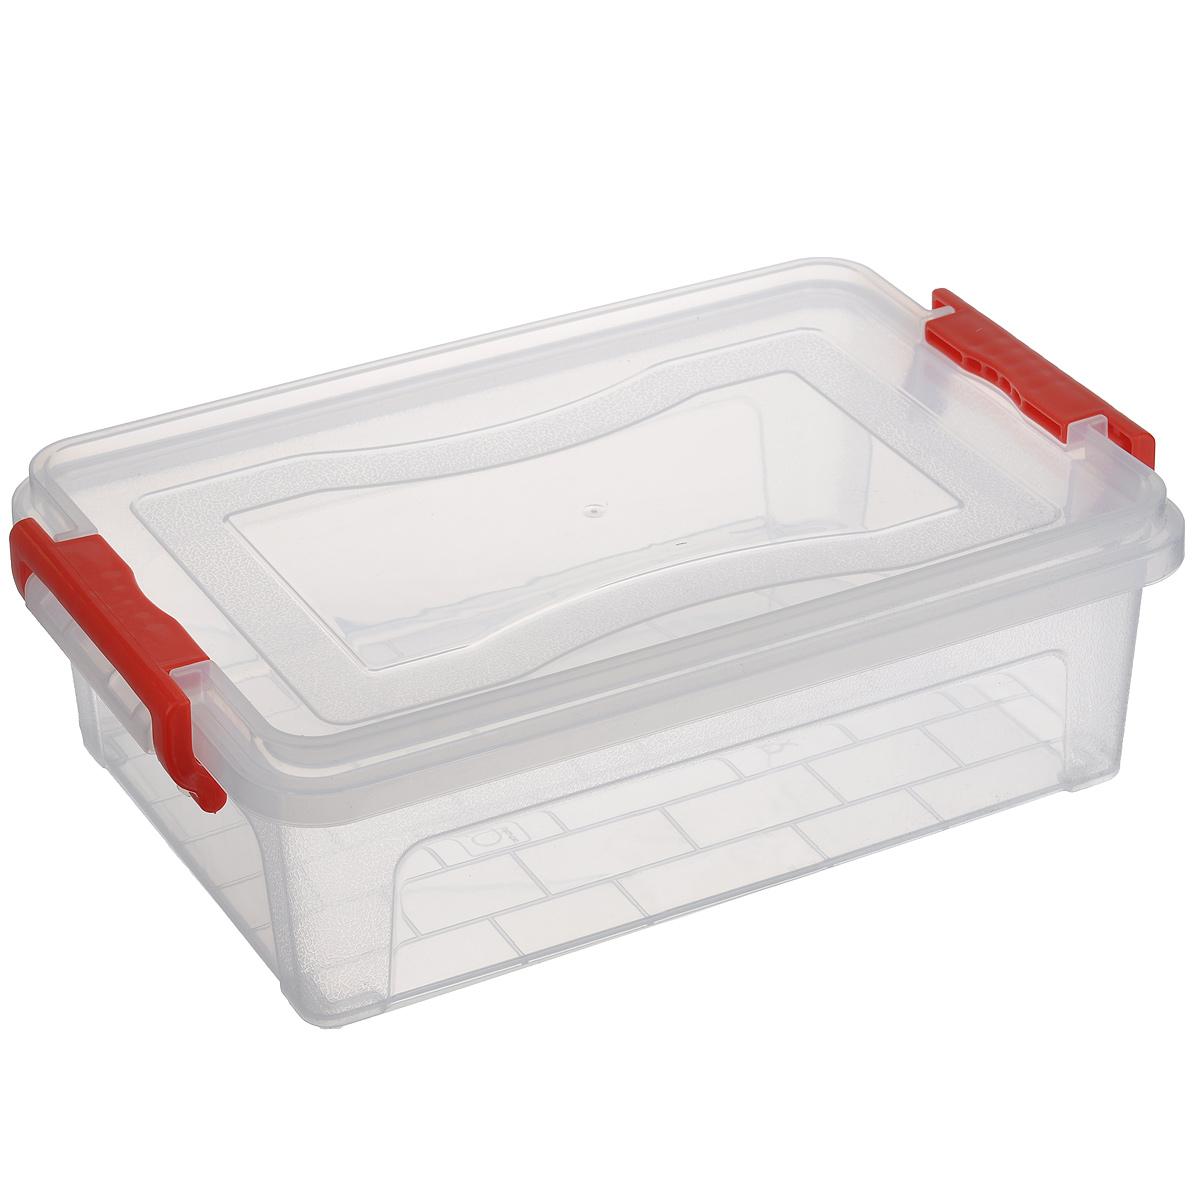 Контейнер для хранения Idea, прямоугольный, цвет: прозрачный, красный, 3,6 лМ 2860Контейнер для хранения Idea выполнен из высококачественного пластика. Контейнер снабжен двумя пластиковыми фиксаторами по бокам, придающими дополнительную надежность закрывания крышки. Вместительный контейнер позволит сохранить различные нужные вещи в порядке, а герметичная крышка предотвратит случайное открывание, защитит содержимое от пыли и грязи.